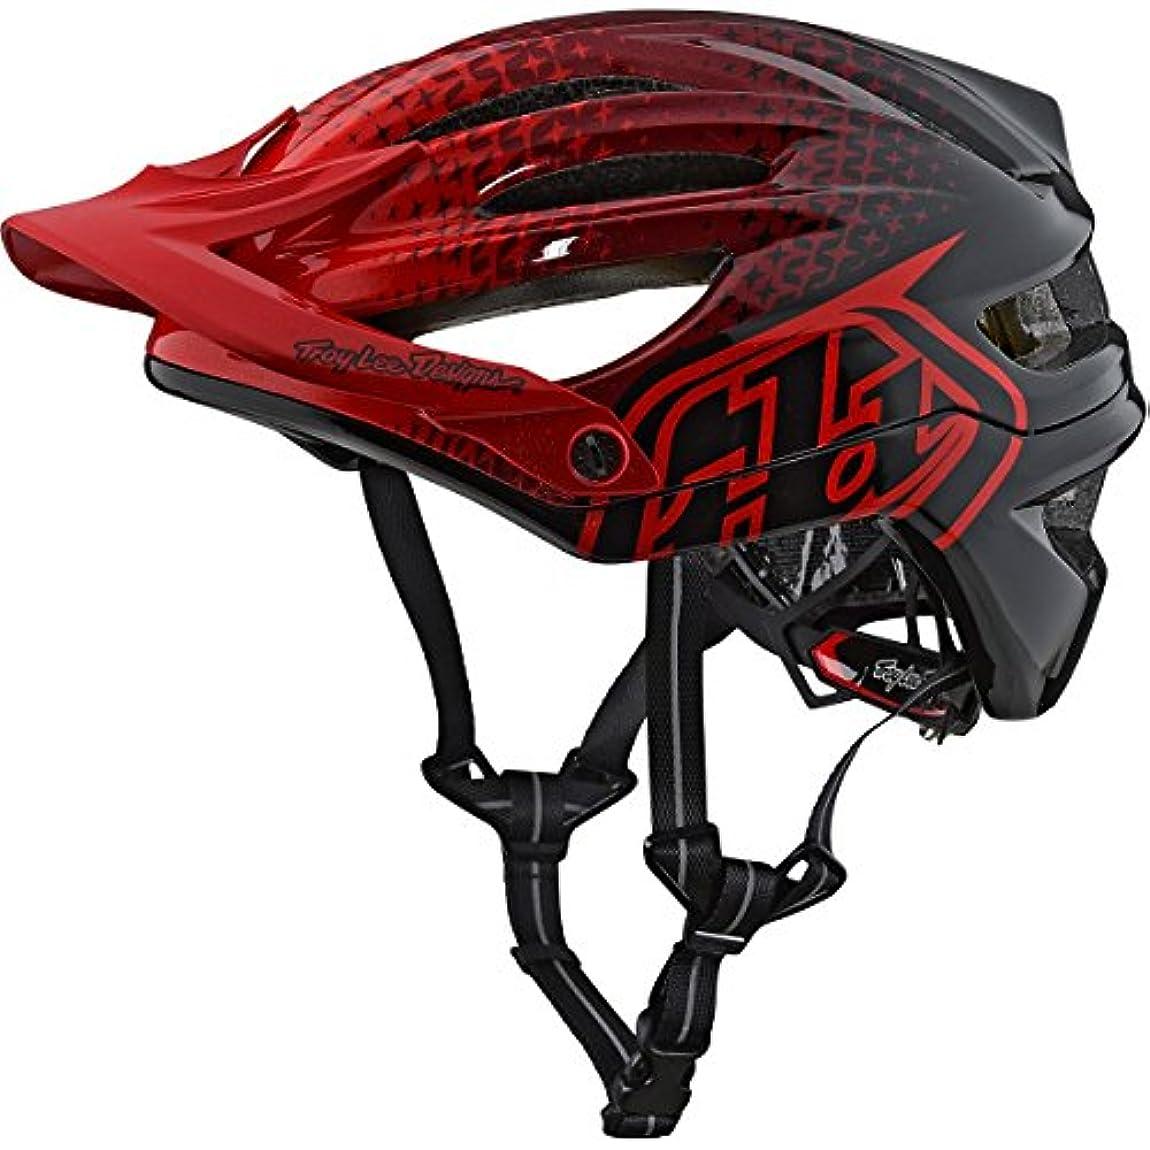 辛なチャンス永続Troy Lee Designs 2018 A2 MIPSスターバースト自転車用ヘルメット - レッド - XL / 2XL